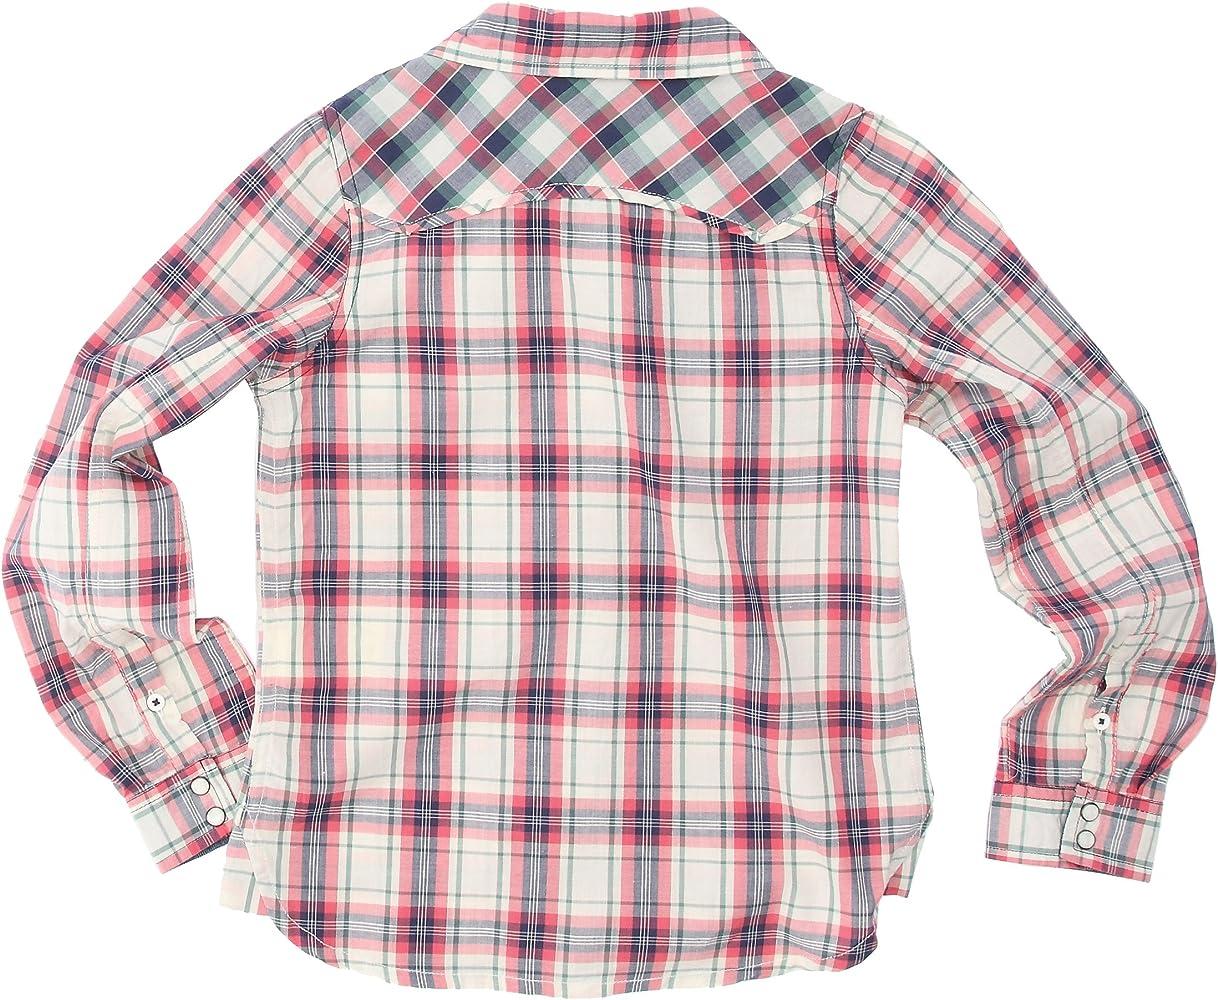 Lee - Camisa a Cuadros para niña, Talla 8 ANS - Talla Francesa, Color Rojo (Faded Red): Amazon.es: Ropa y accesorios